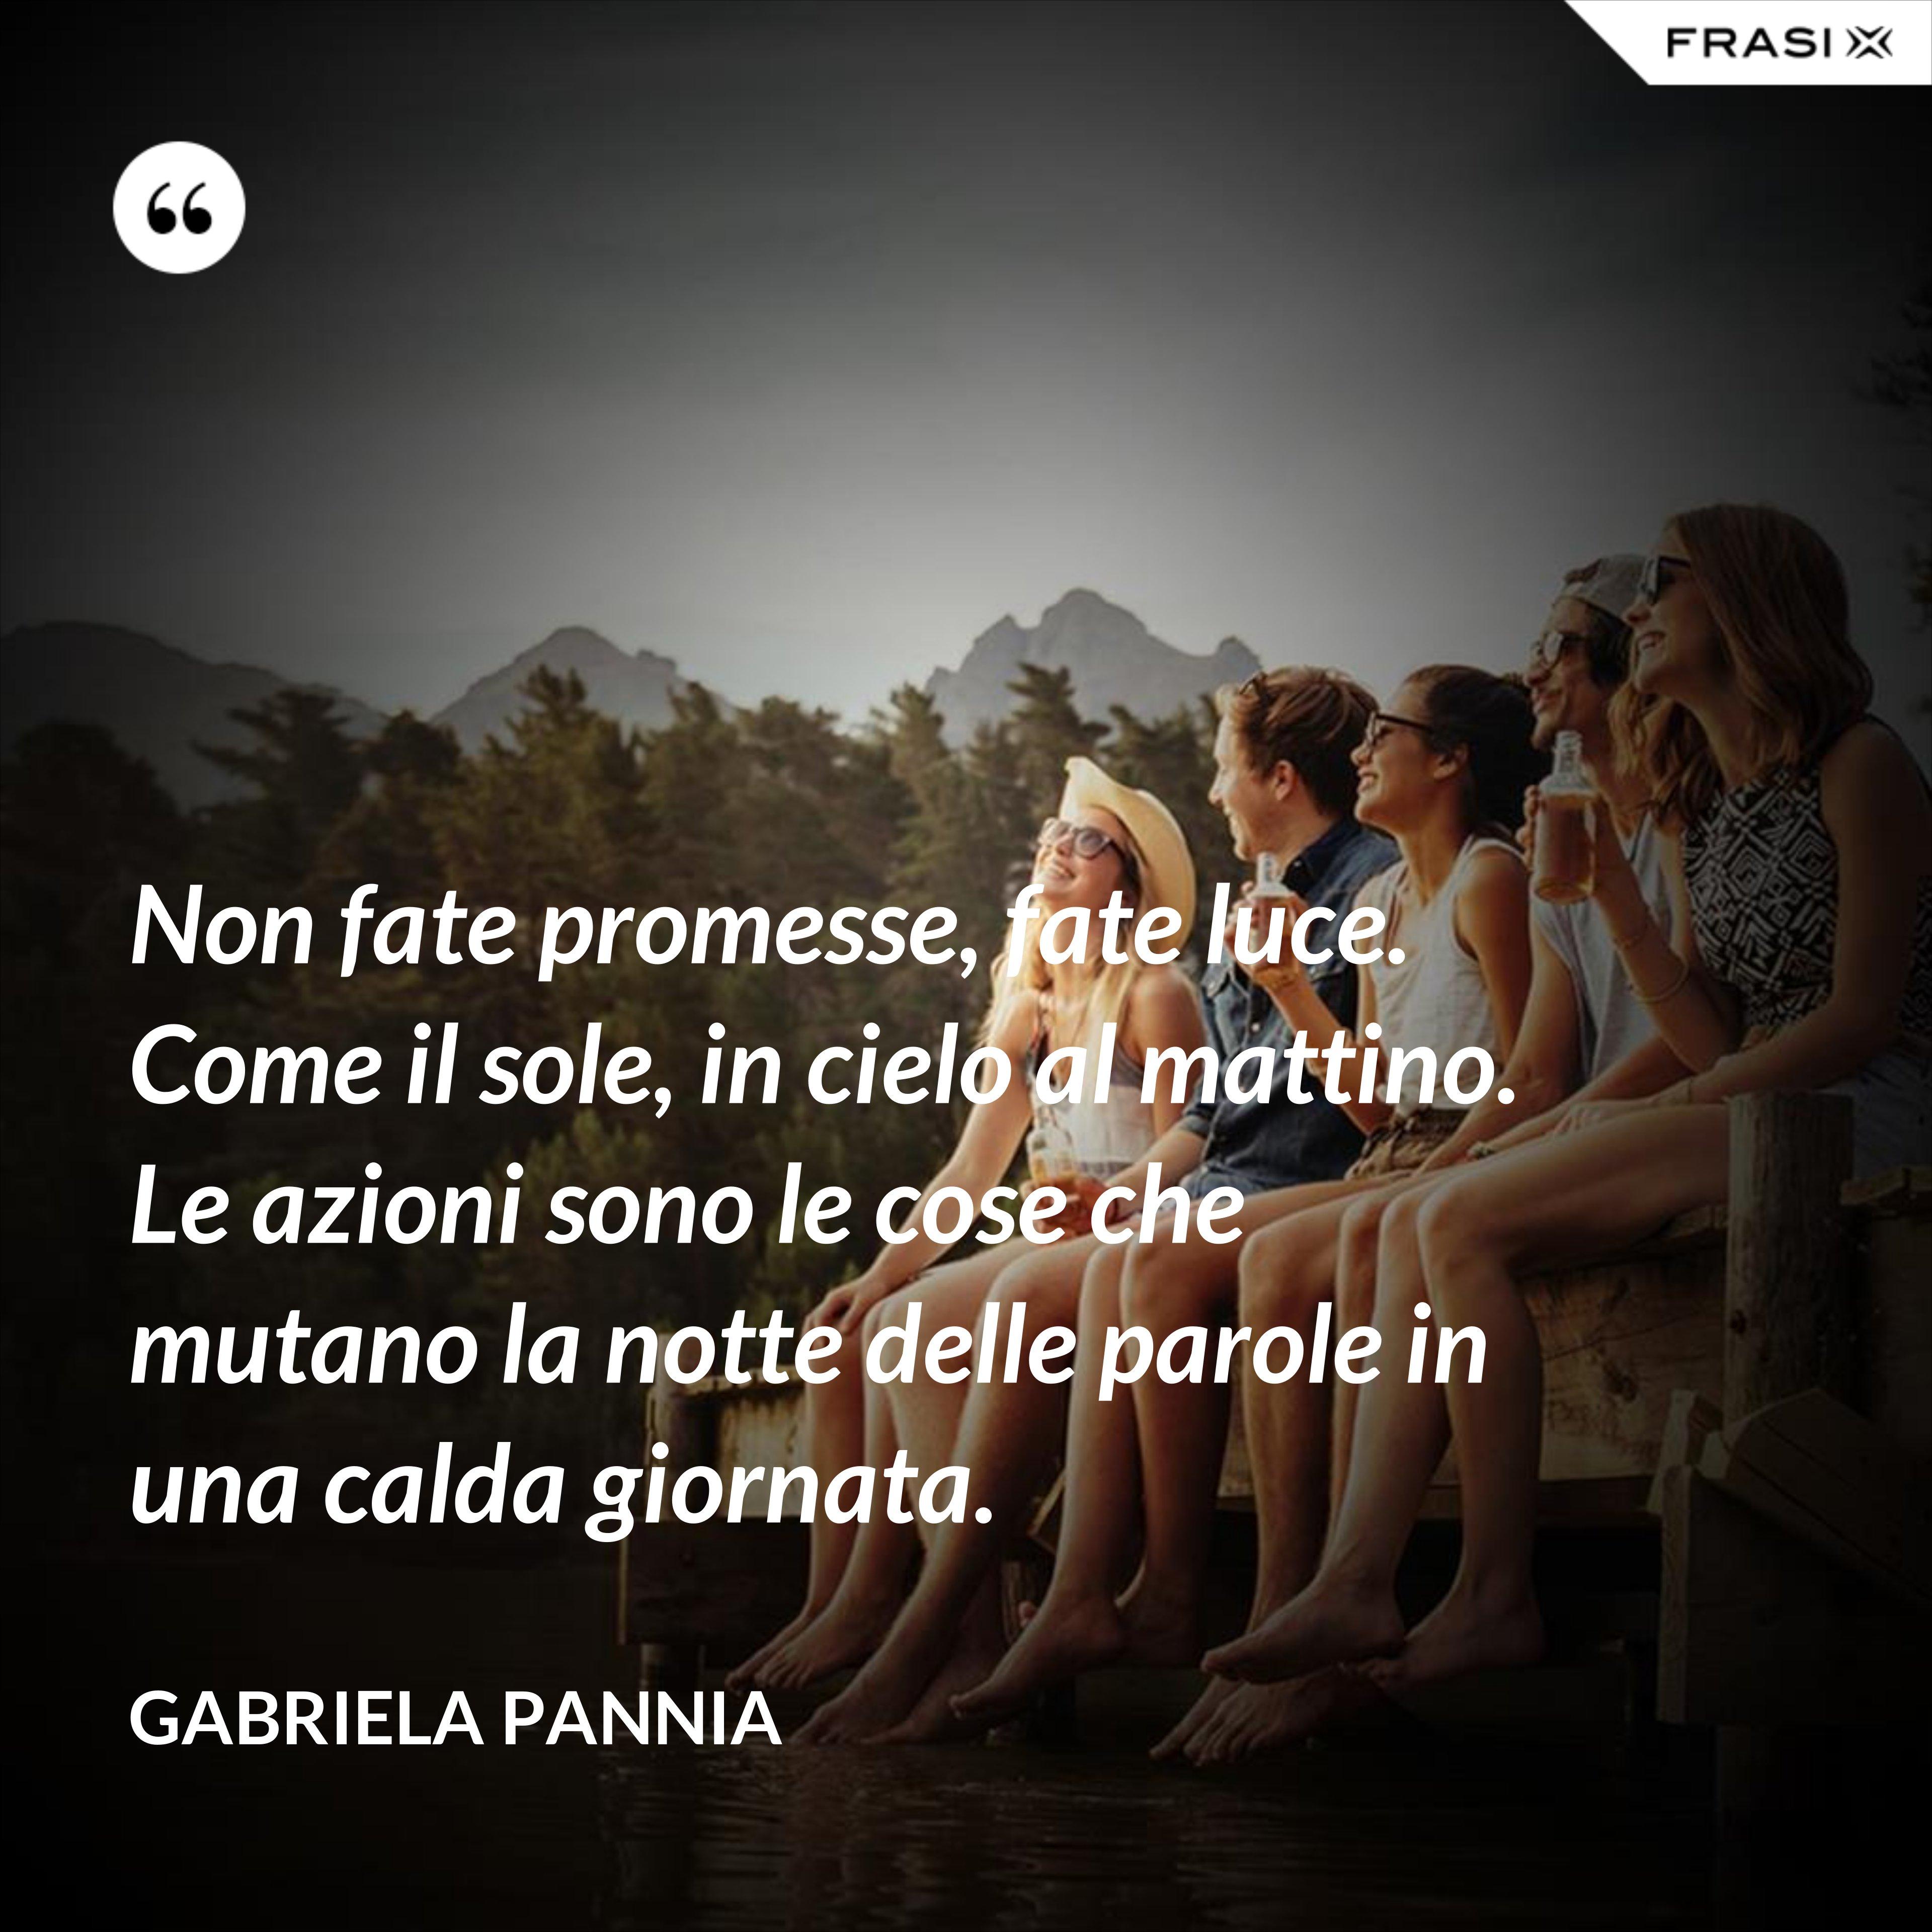 Non fate promesse, fate luce. Come il sole, in cielo al mattino. Le azioni sono le cose che mutano la notte delle parole in una calda giornata. - Gabriela Pannia